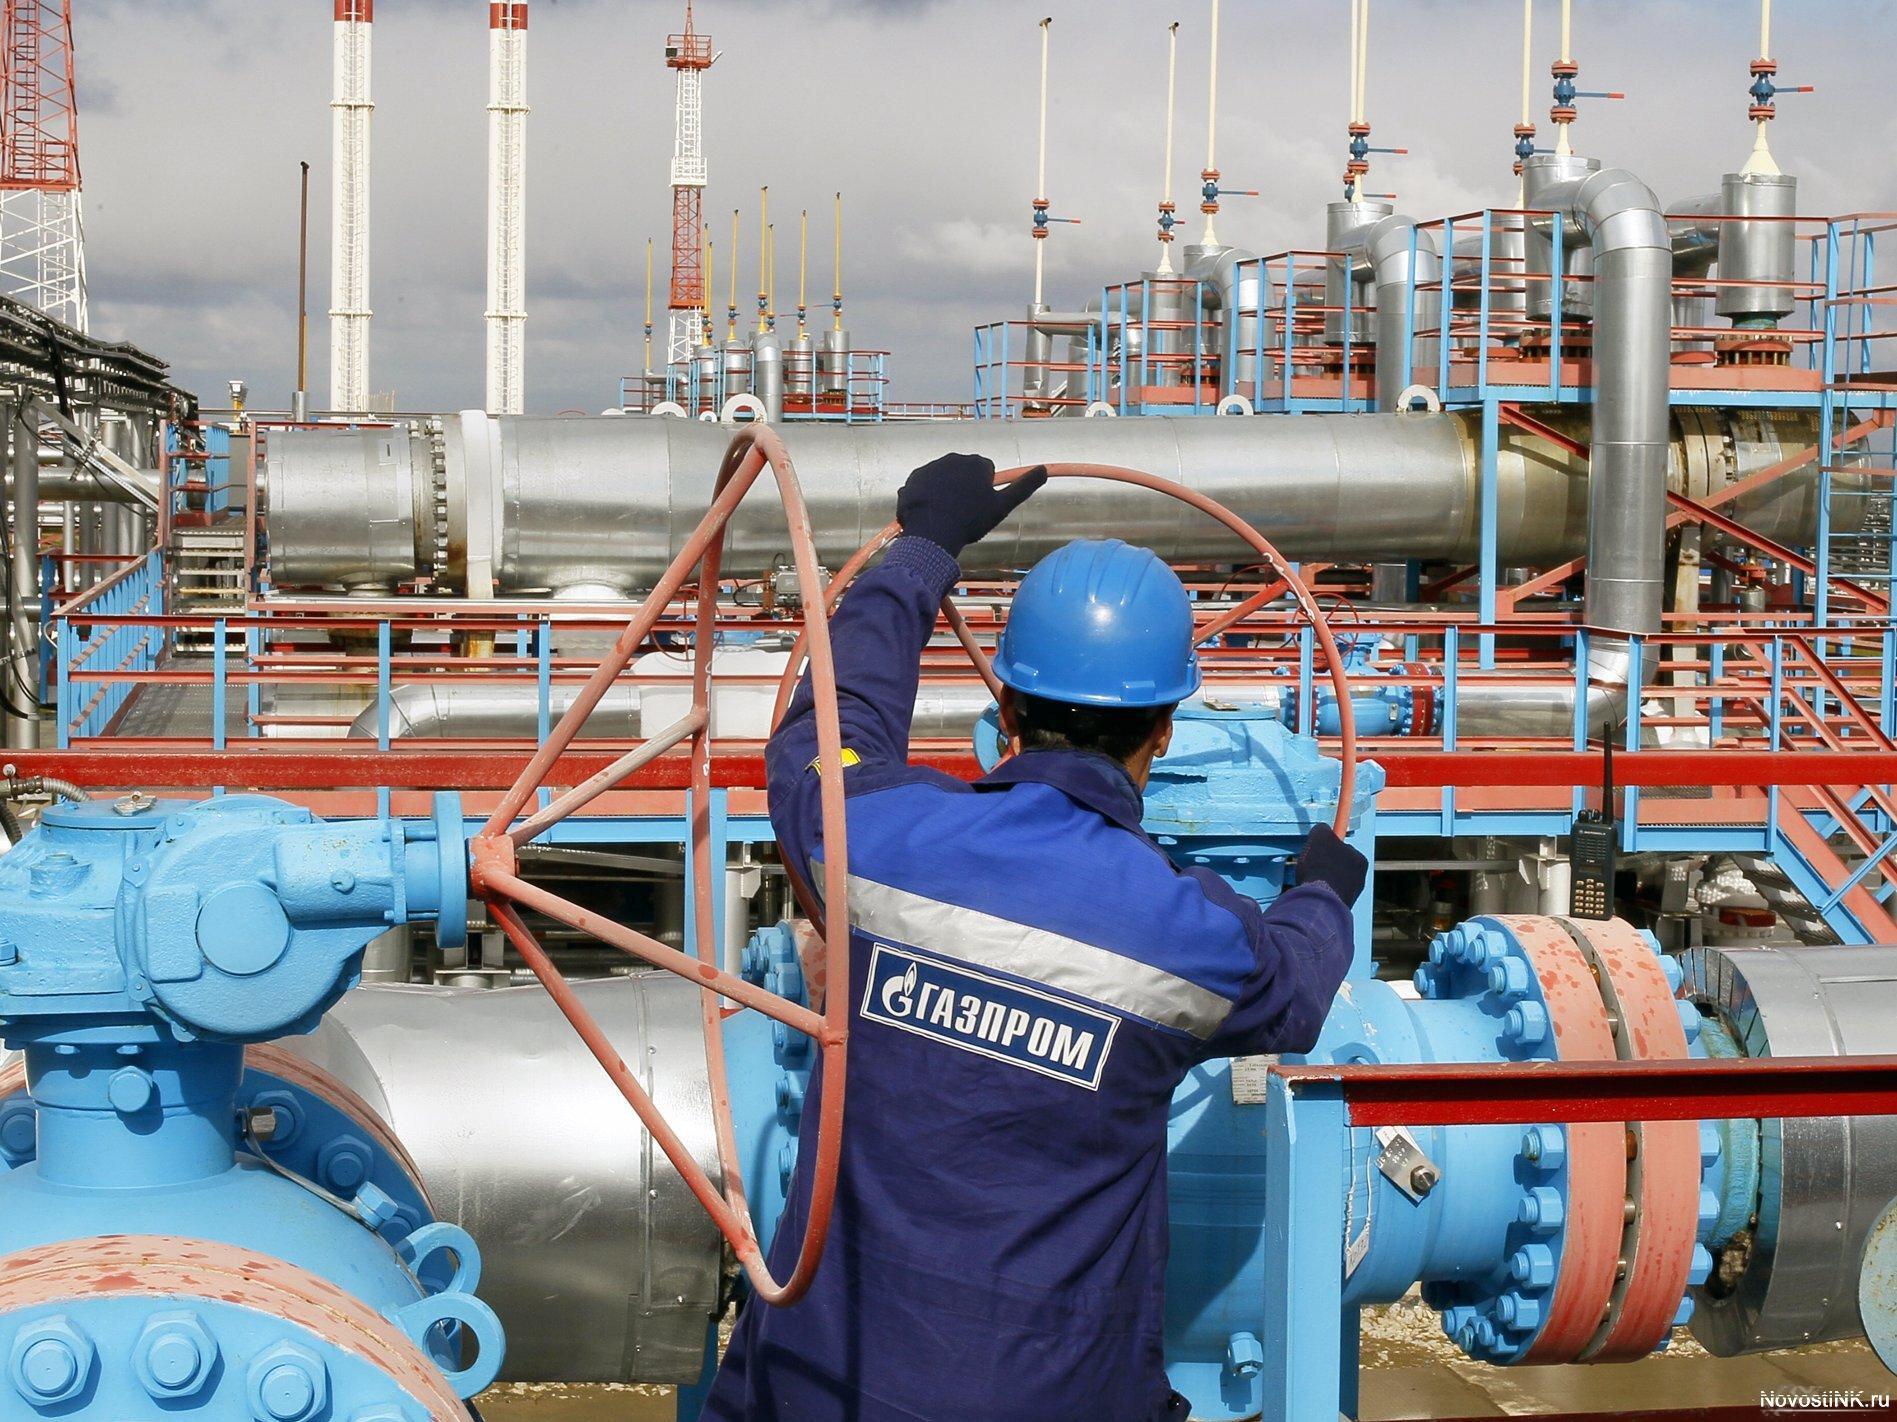 Rus şirketi Gazprom, dünyanın en büyük doğalgaz üreticisi olma özelliğini taşıyor.